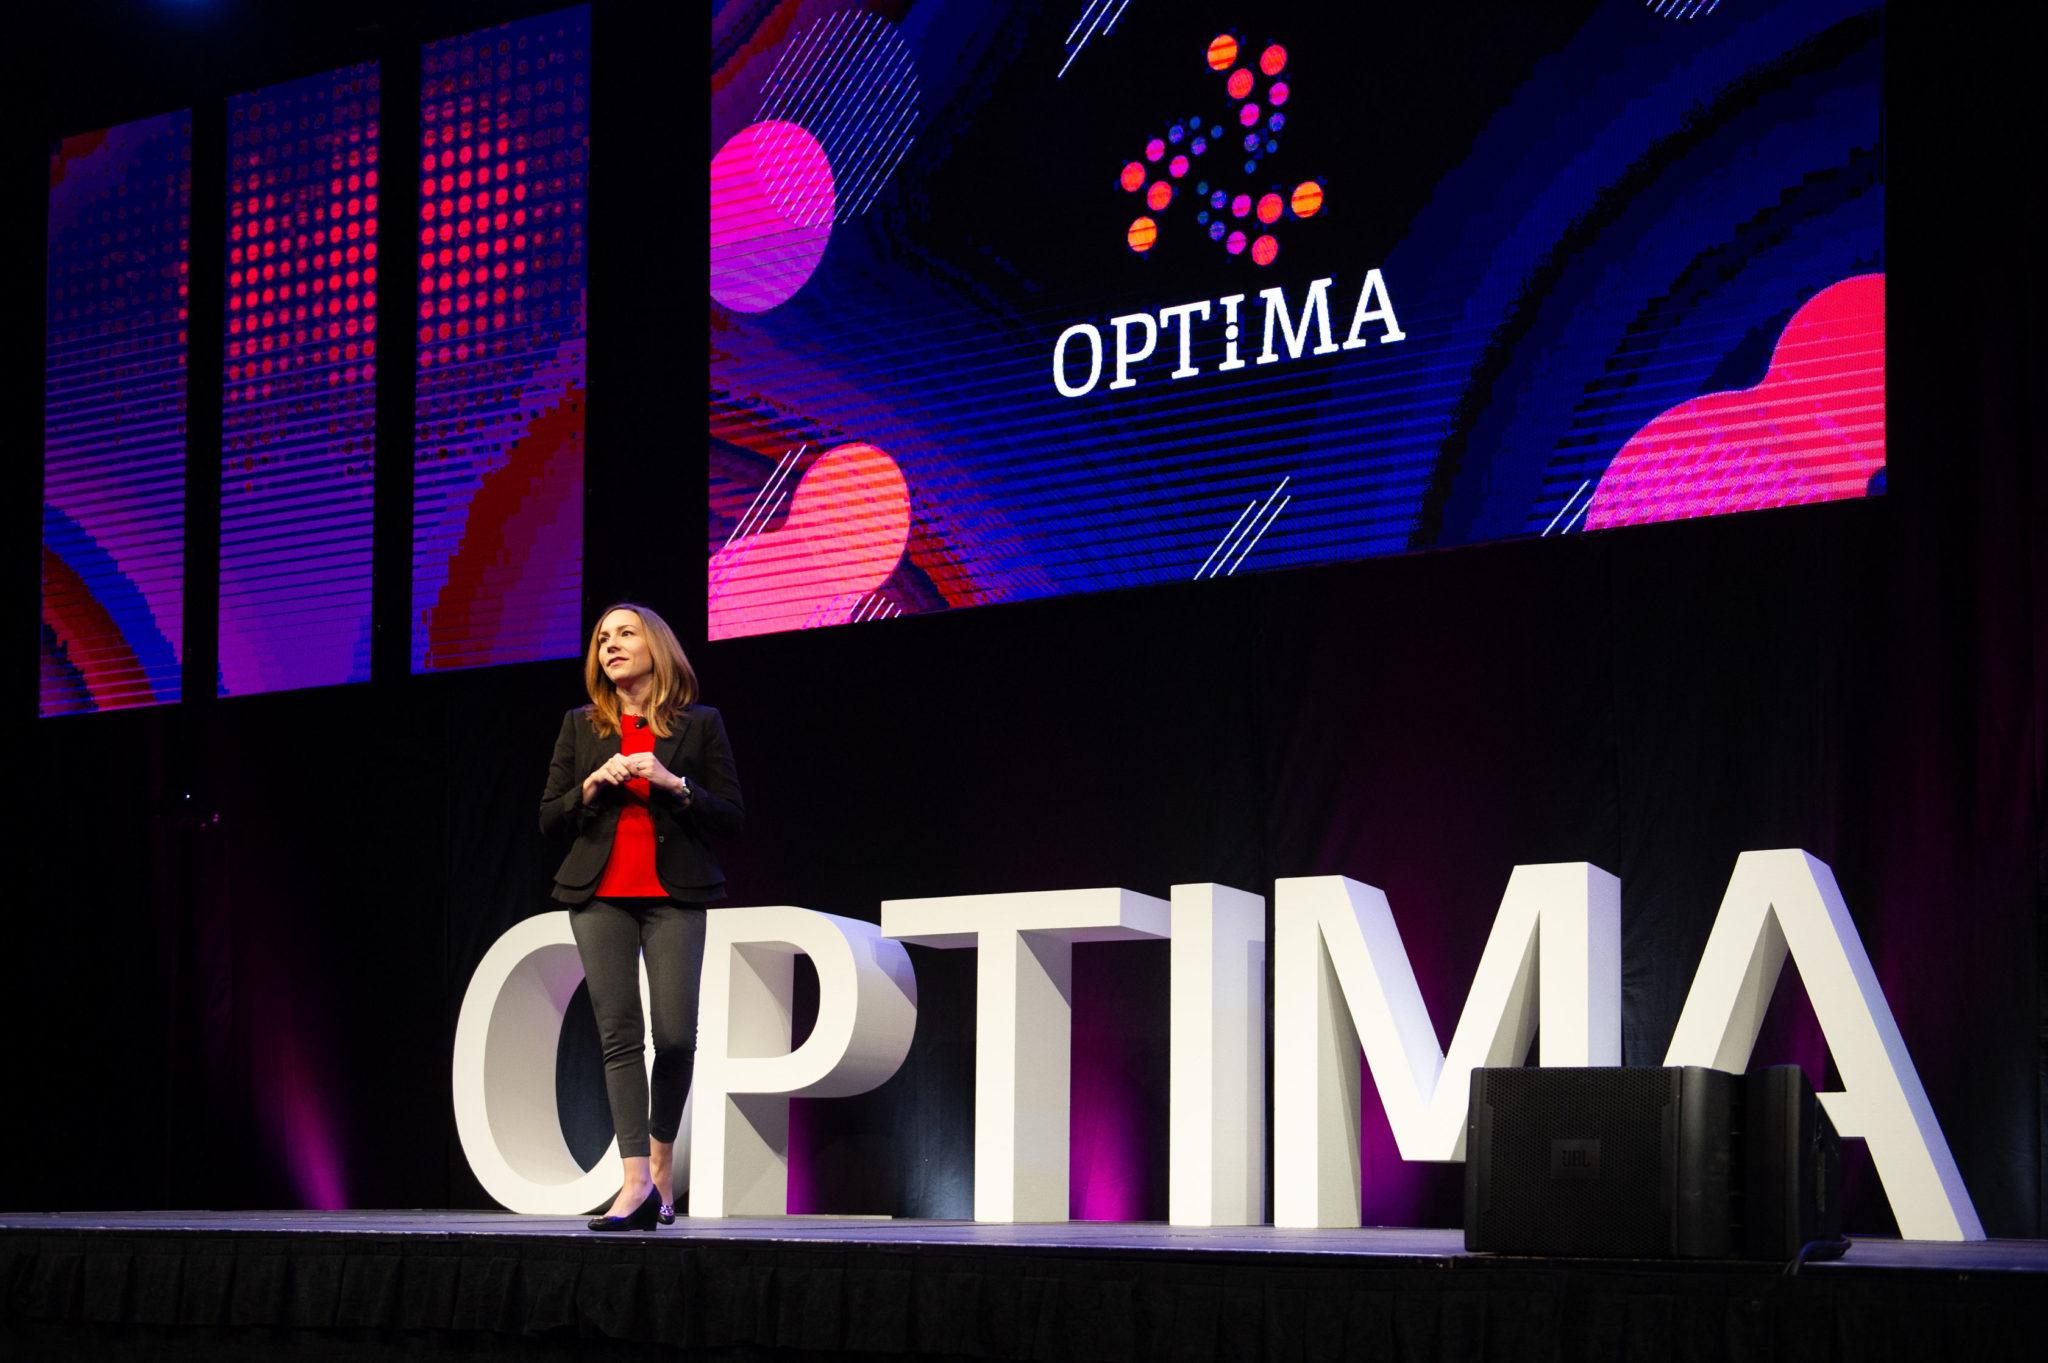 Jenny Mobius presenting at OPTIMA 2019